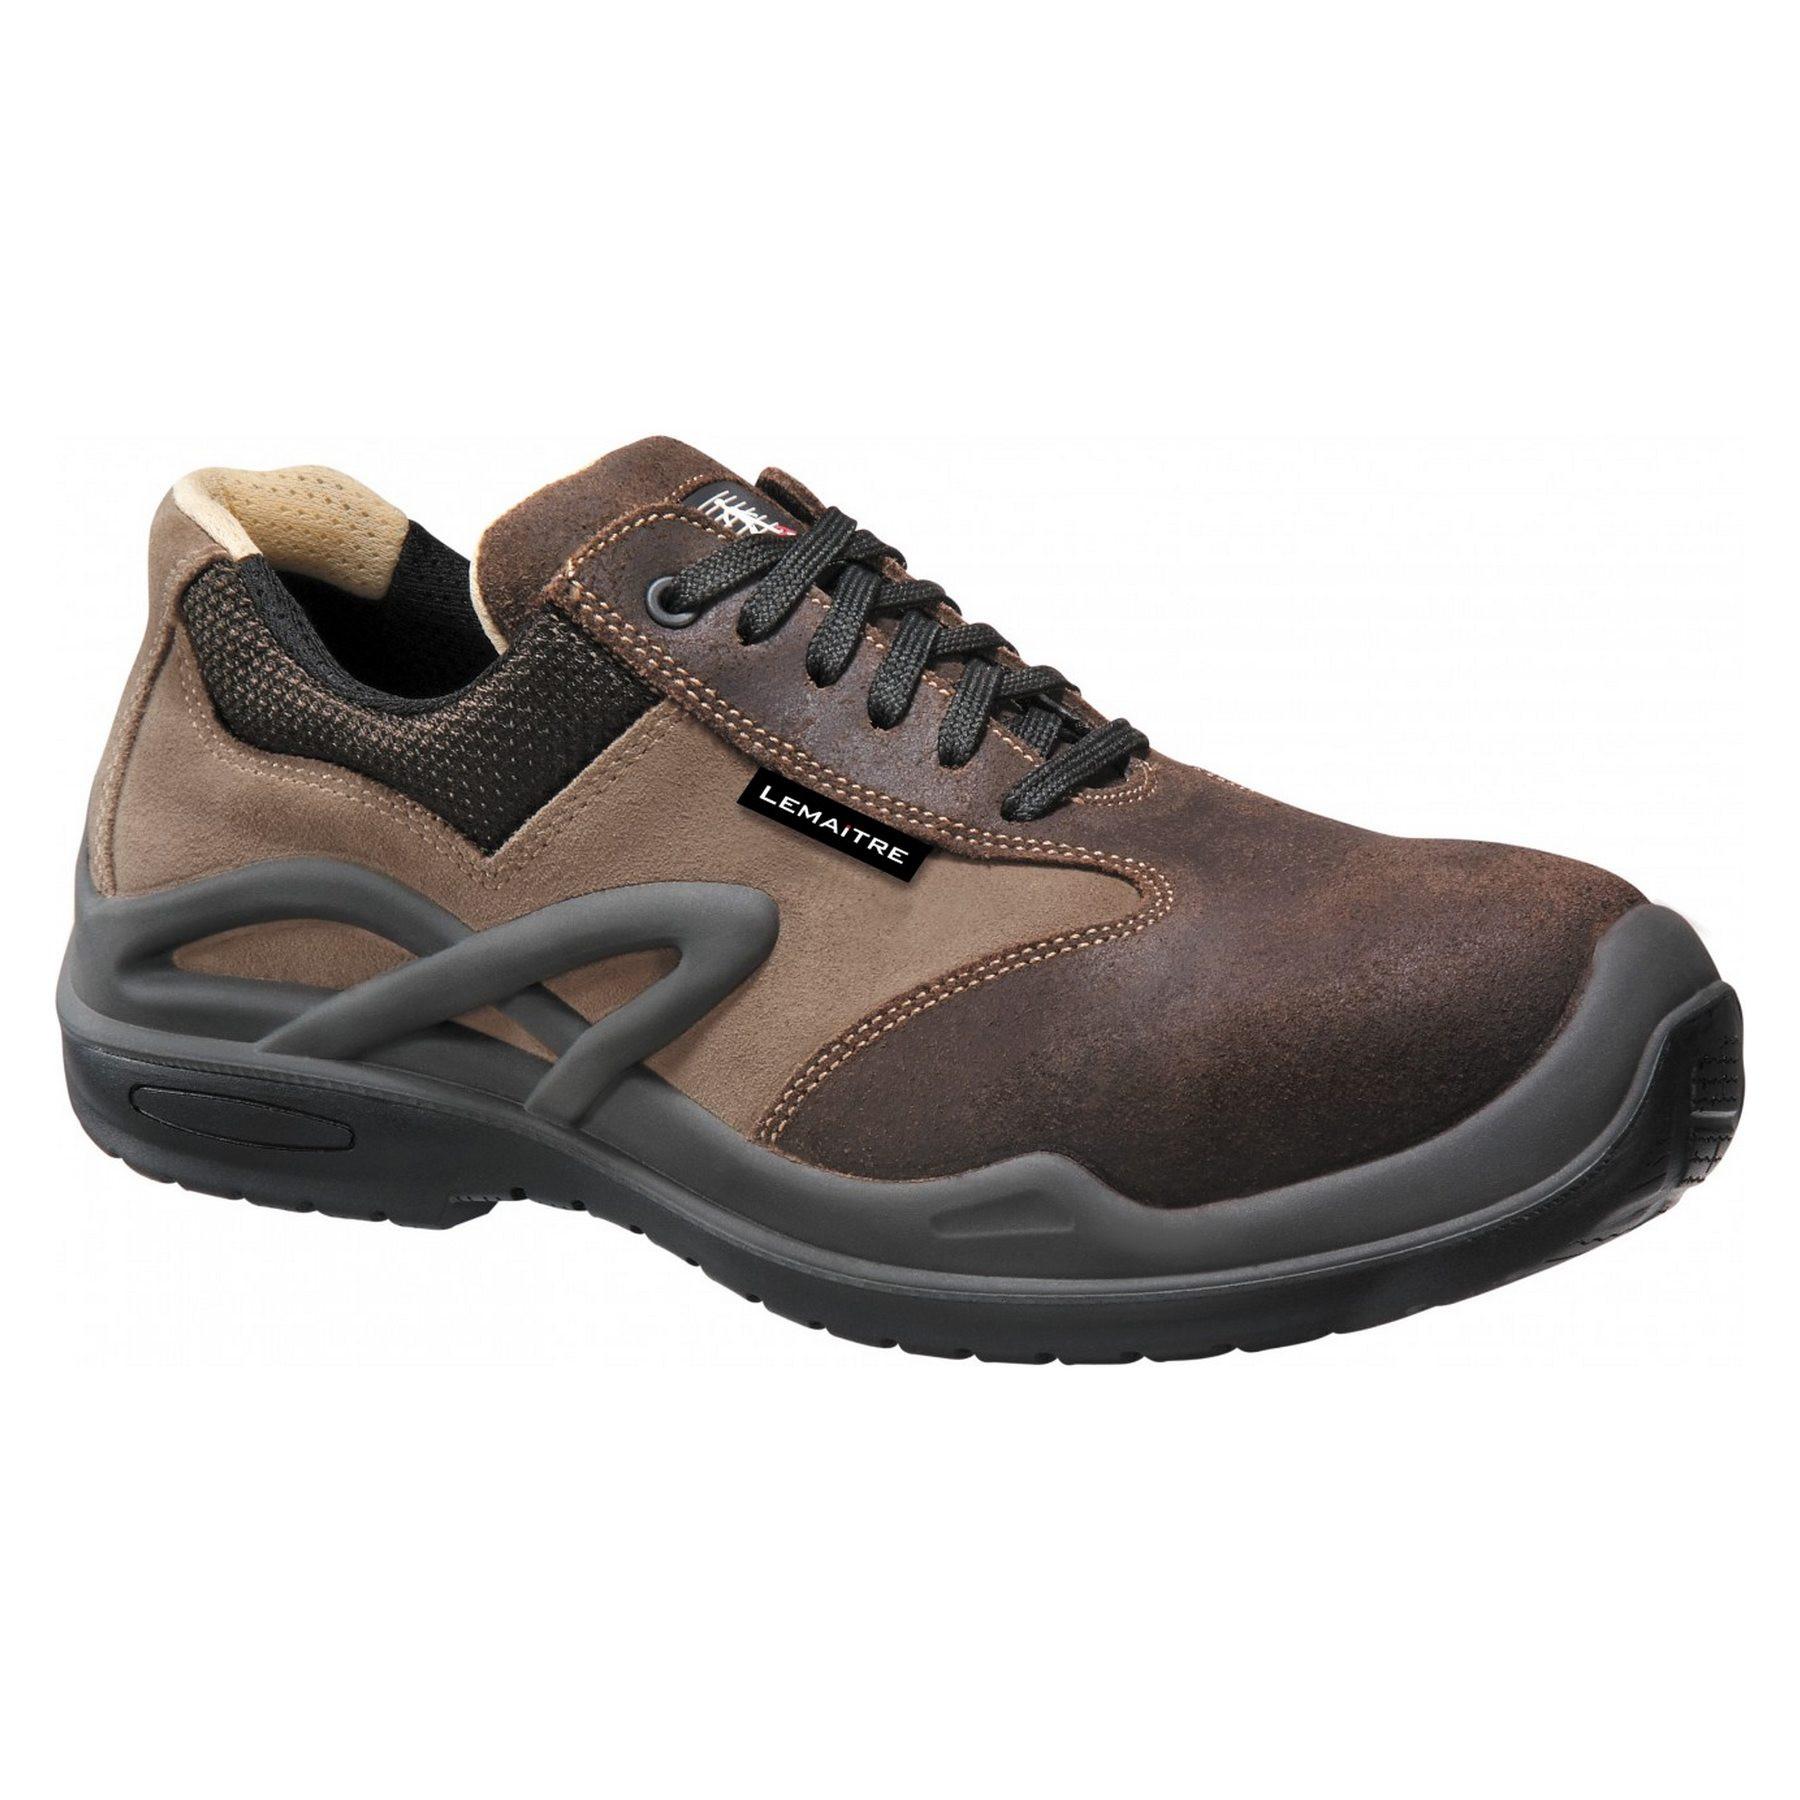 Chaussures de sécurité basses Lemaitre Morzine S3 CI SRC 100% non métalliques - Marron